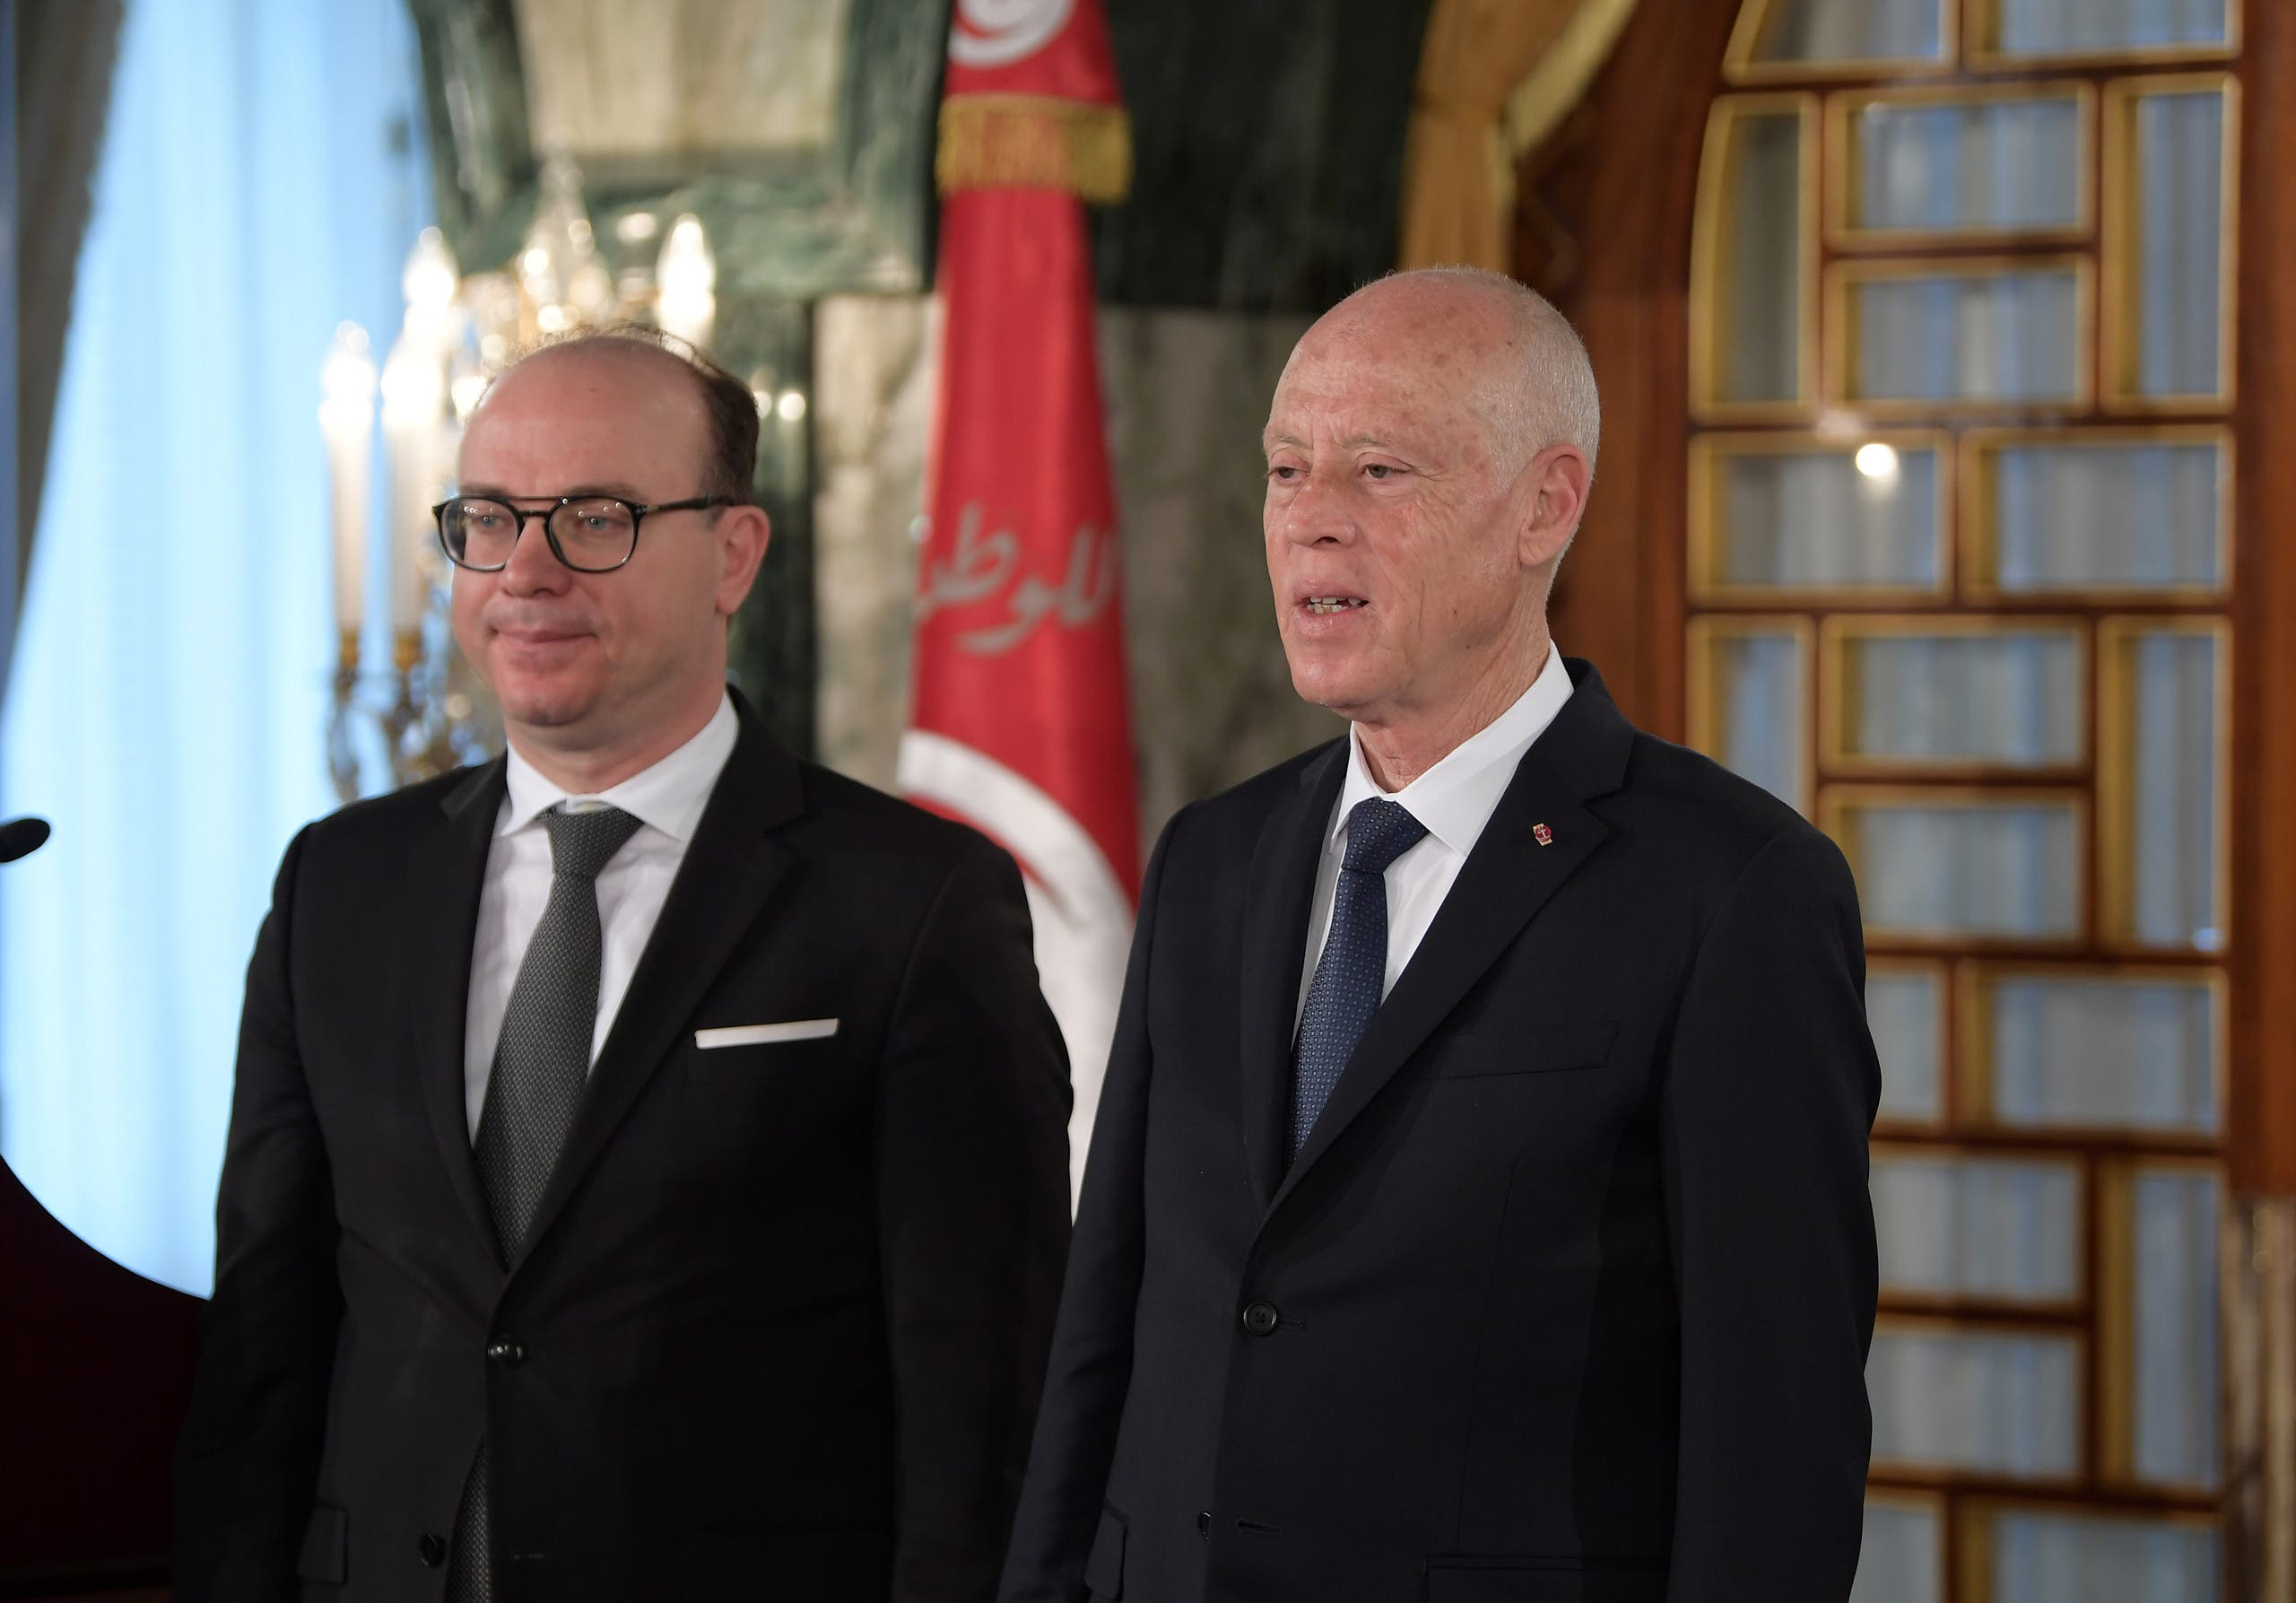 الرئيس التونسي قيس سعيد ورئيس الوزراء إلياس الفخفاخ